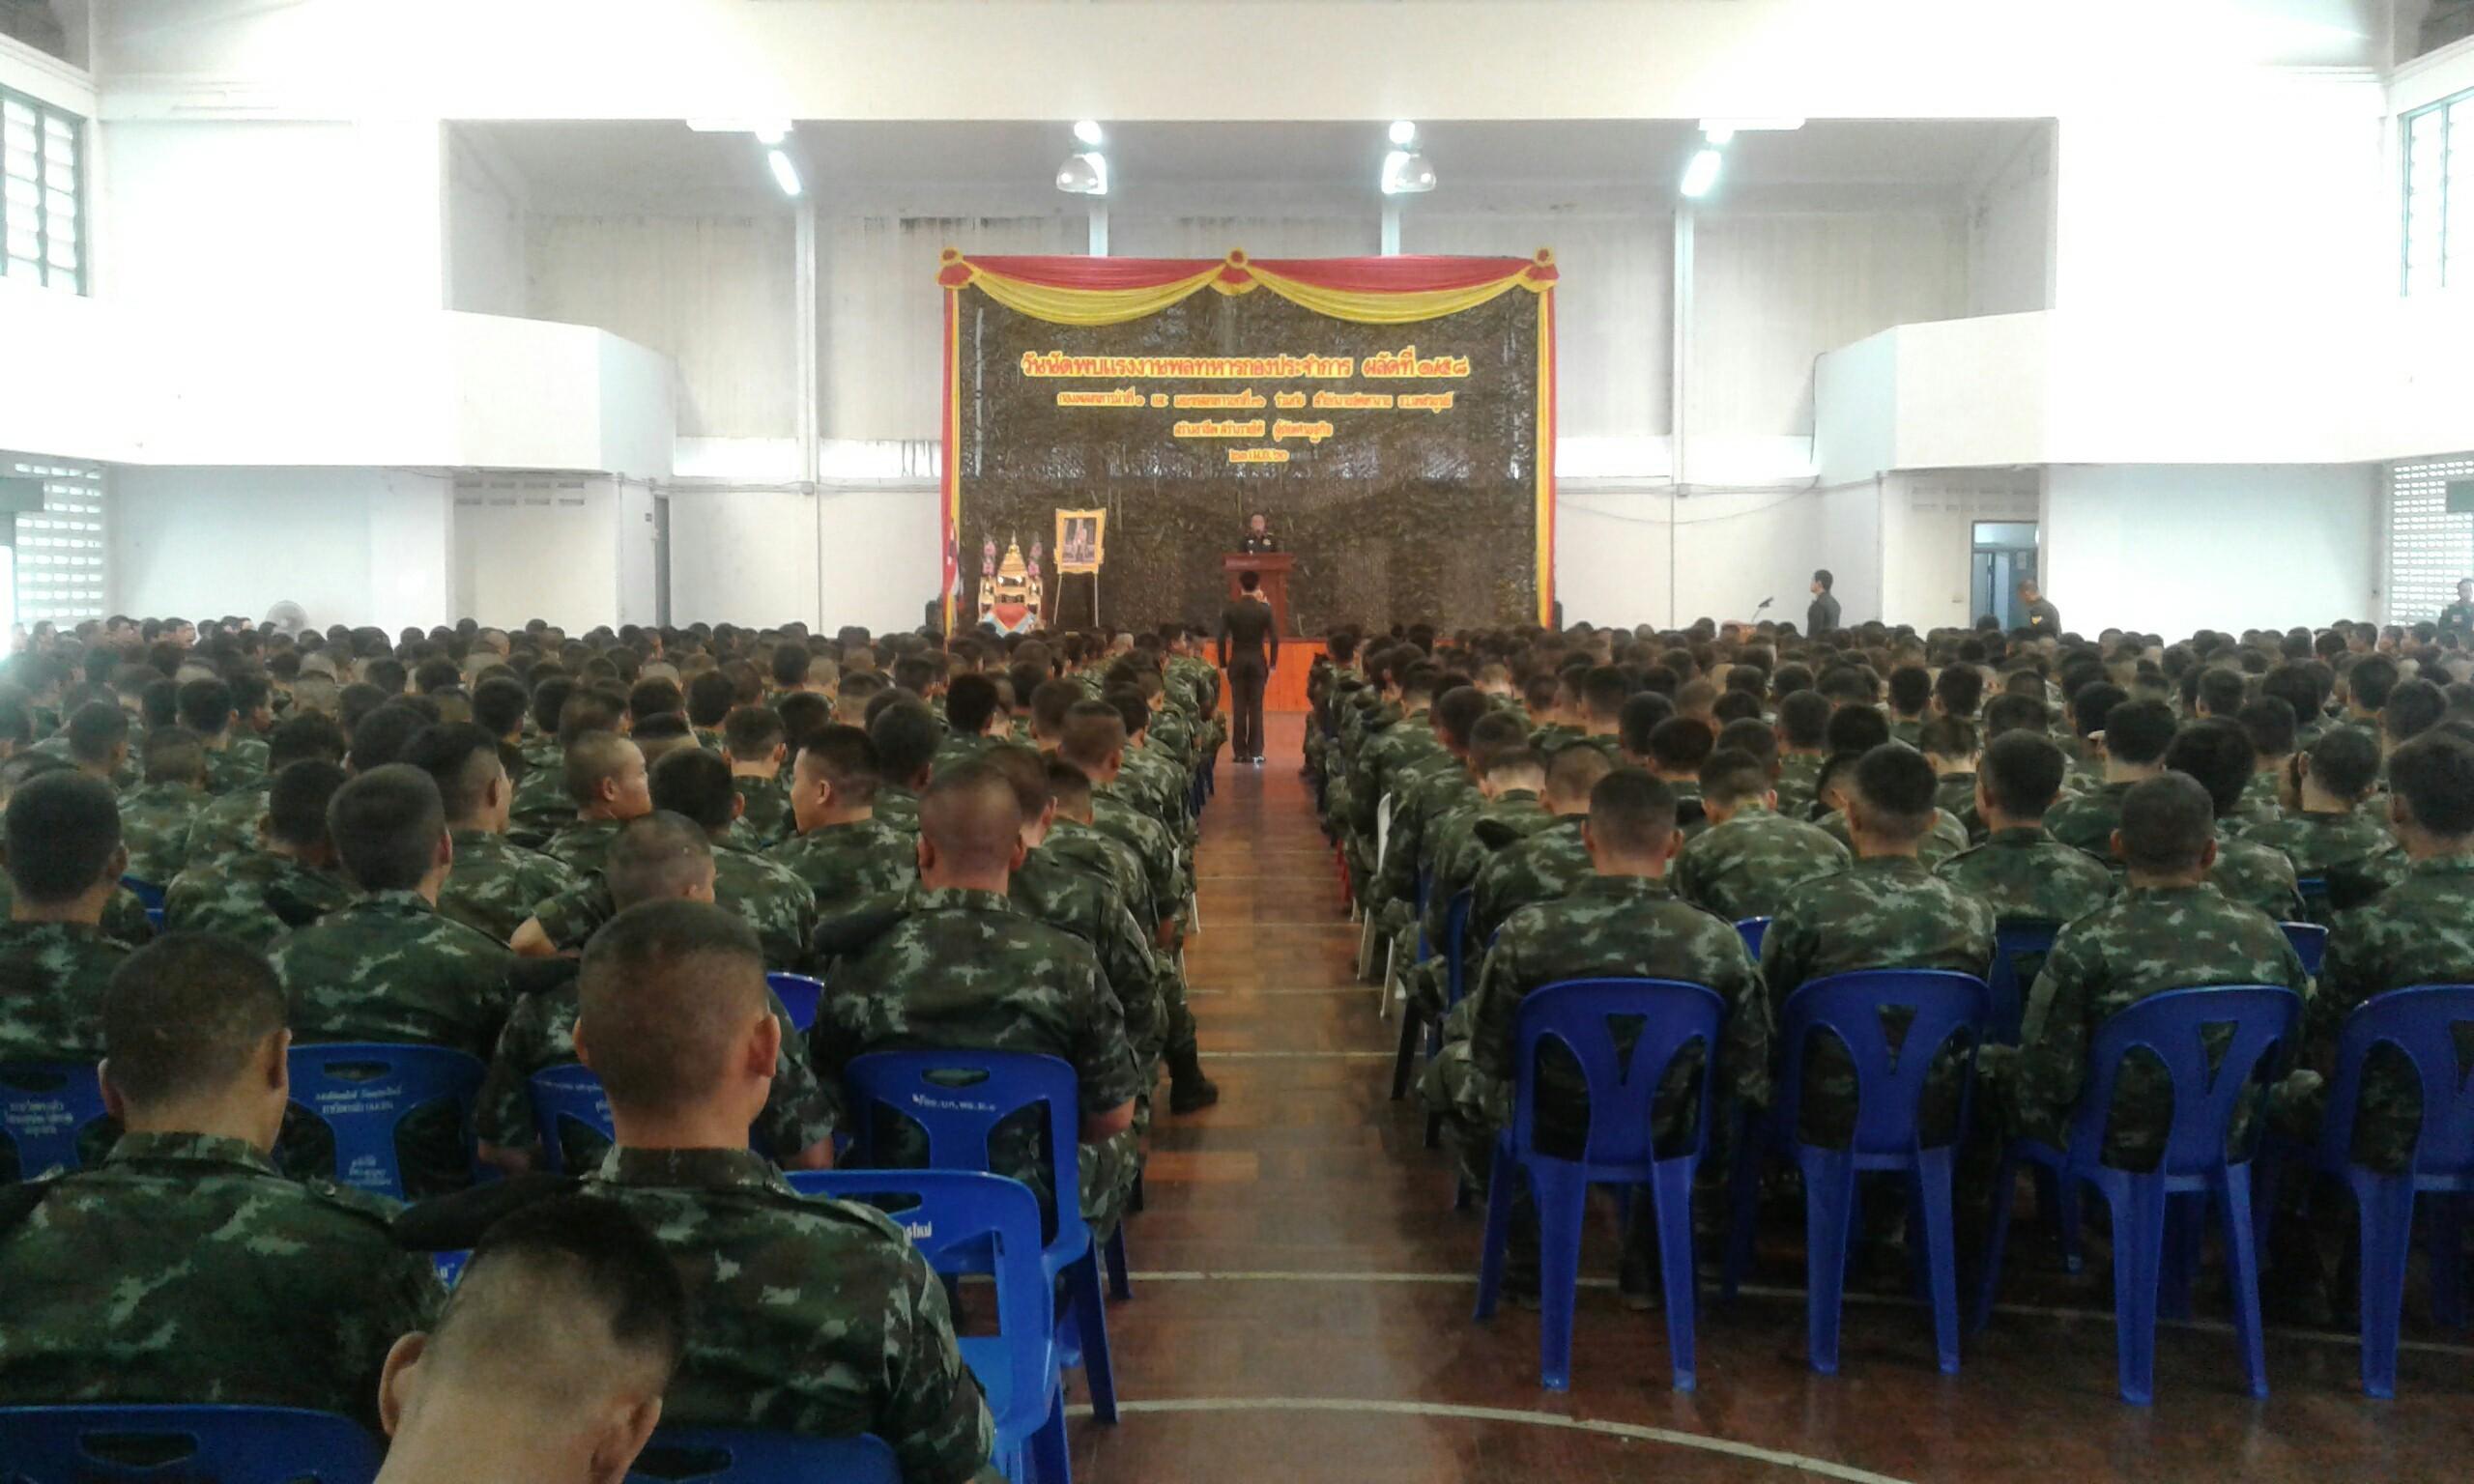 จัดโครงการส่งเสริมการประกอบอาชีพให้ทหารกองประจำการที่จะปลดเป็นทหารกองหนุน